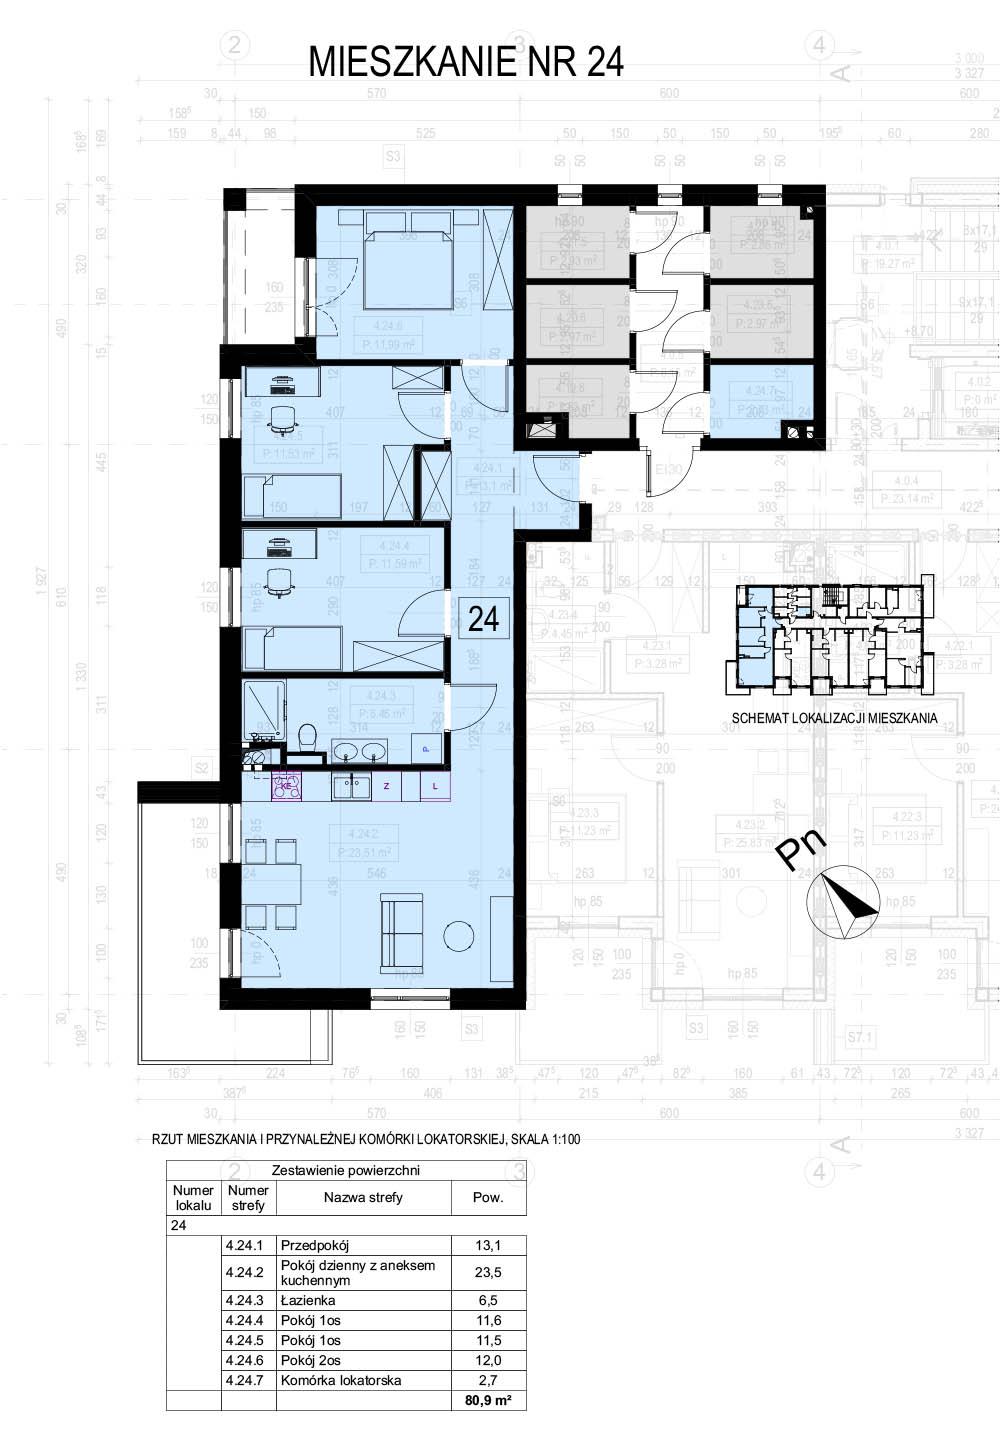 Budowa zespołu trzech mieszkalnych budynków wielorodzinnych z